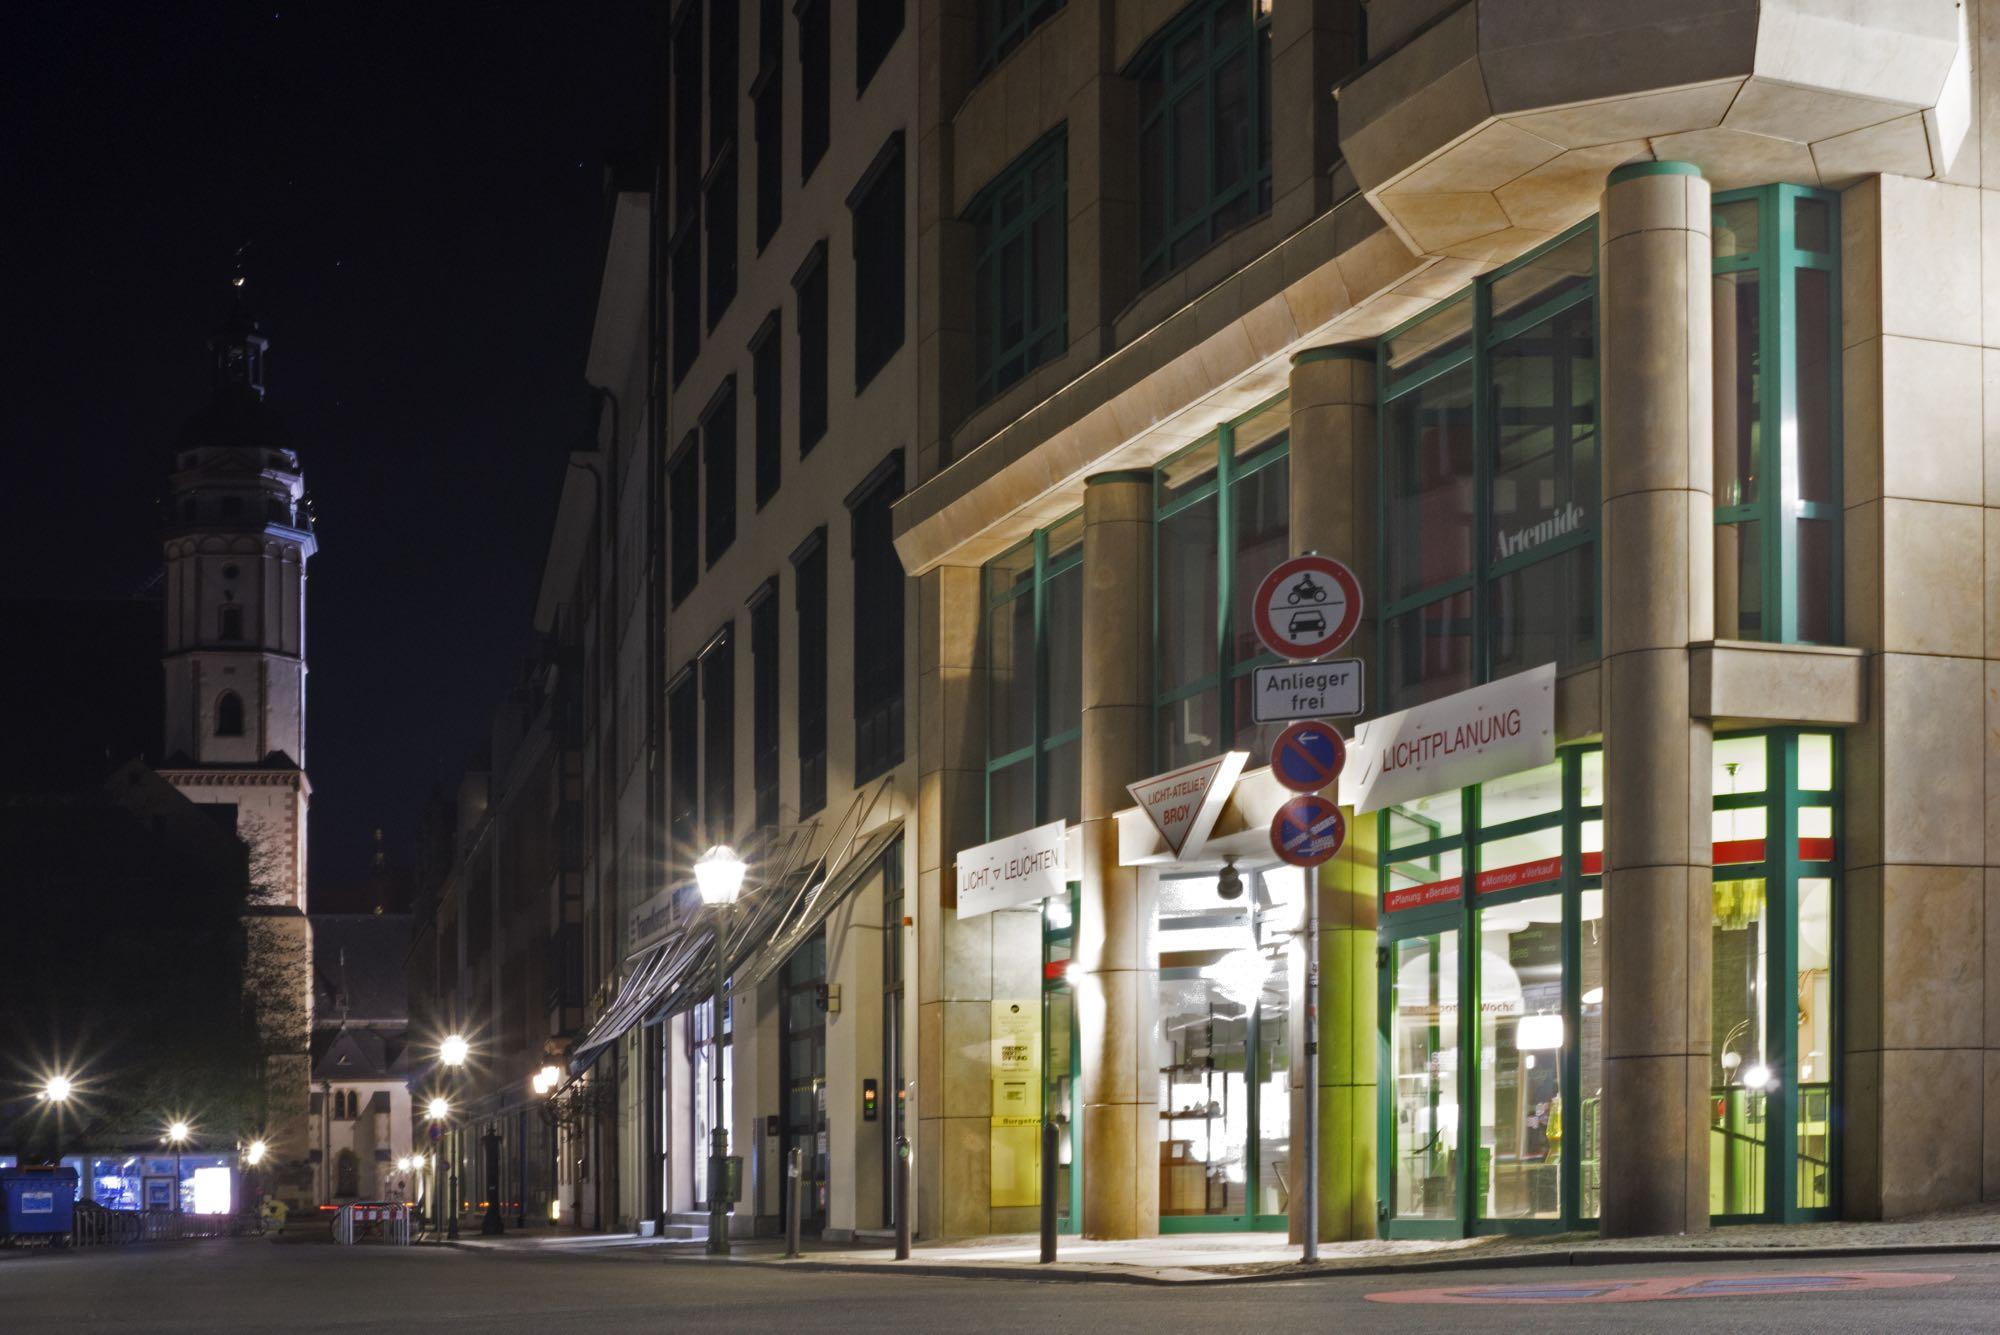 atelier-broy-aussen-leipzig-leuchten-nachts.jpg